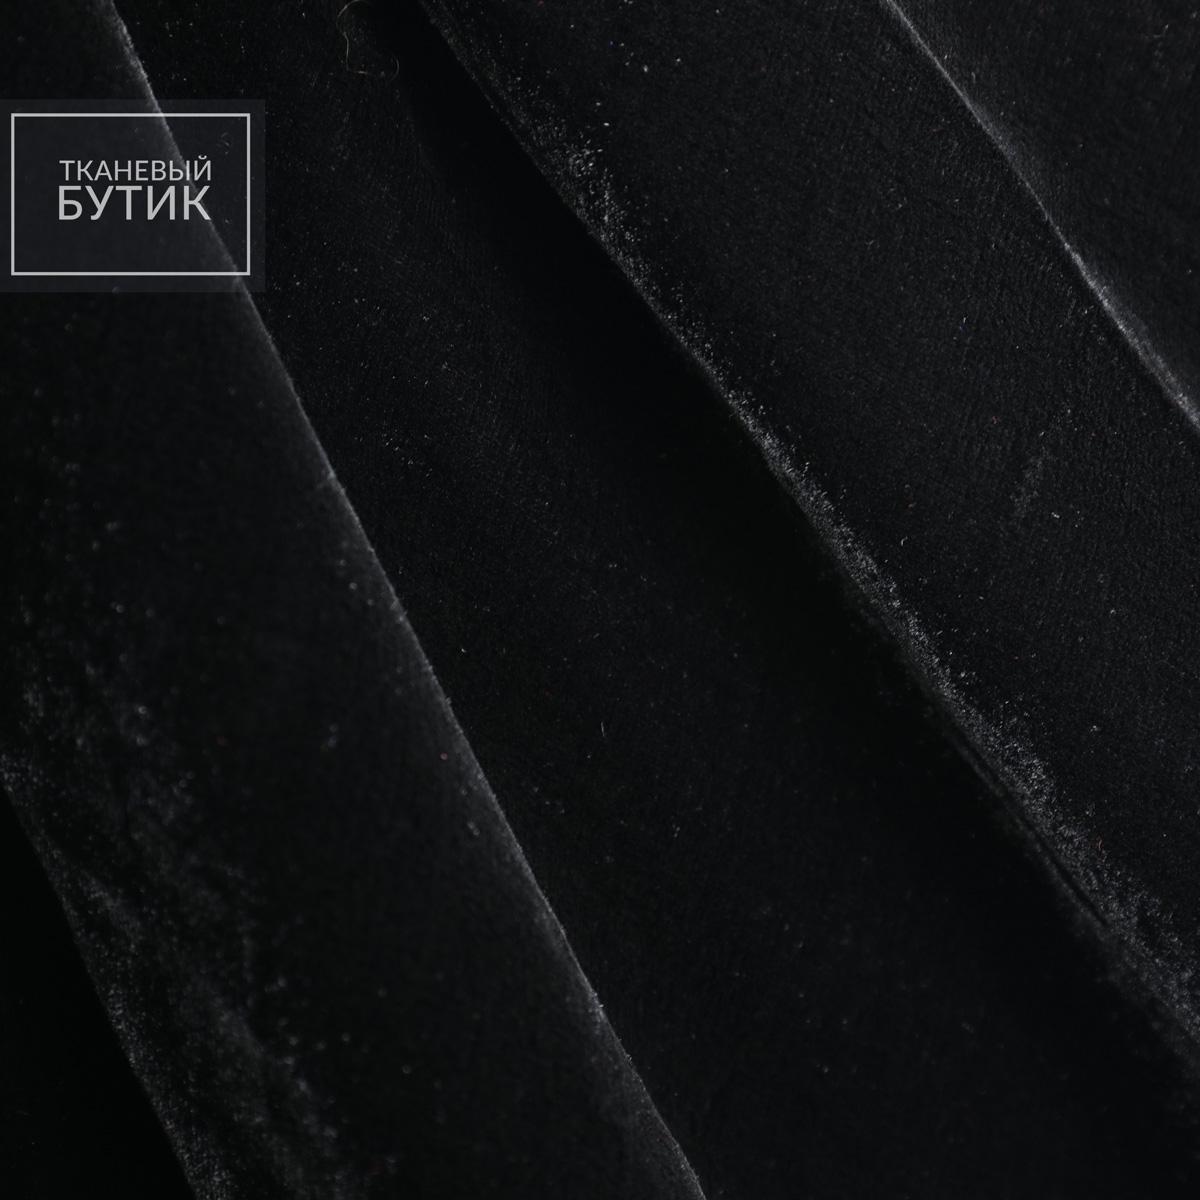 Вискозно-шелковый бархат черного цвета